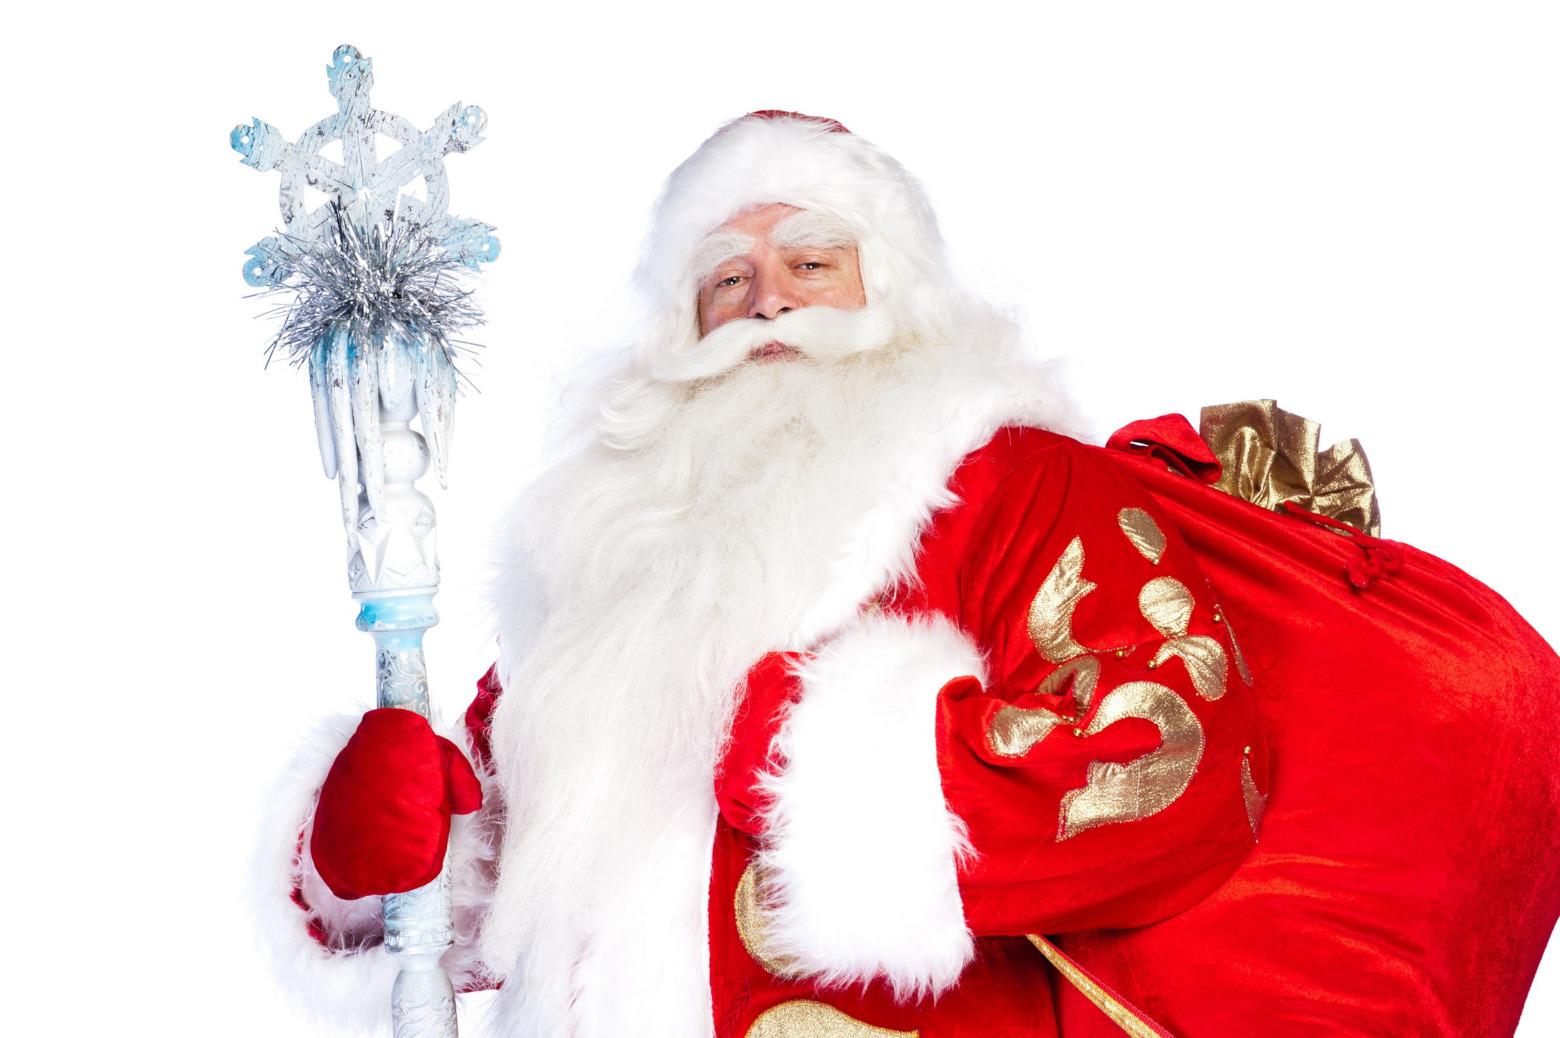 Дед Мороз, волшебная атмосфера и подарки для гостей программы «Новый год 2020 на русский лад» в Германии 31 декабря 2019 года